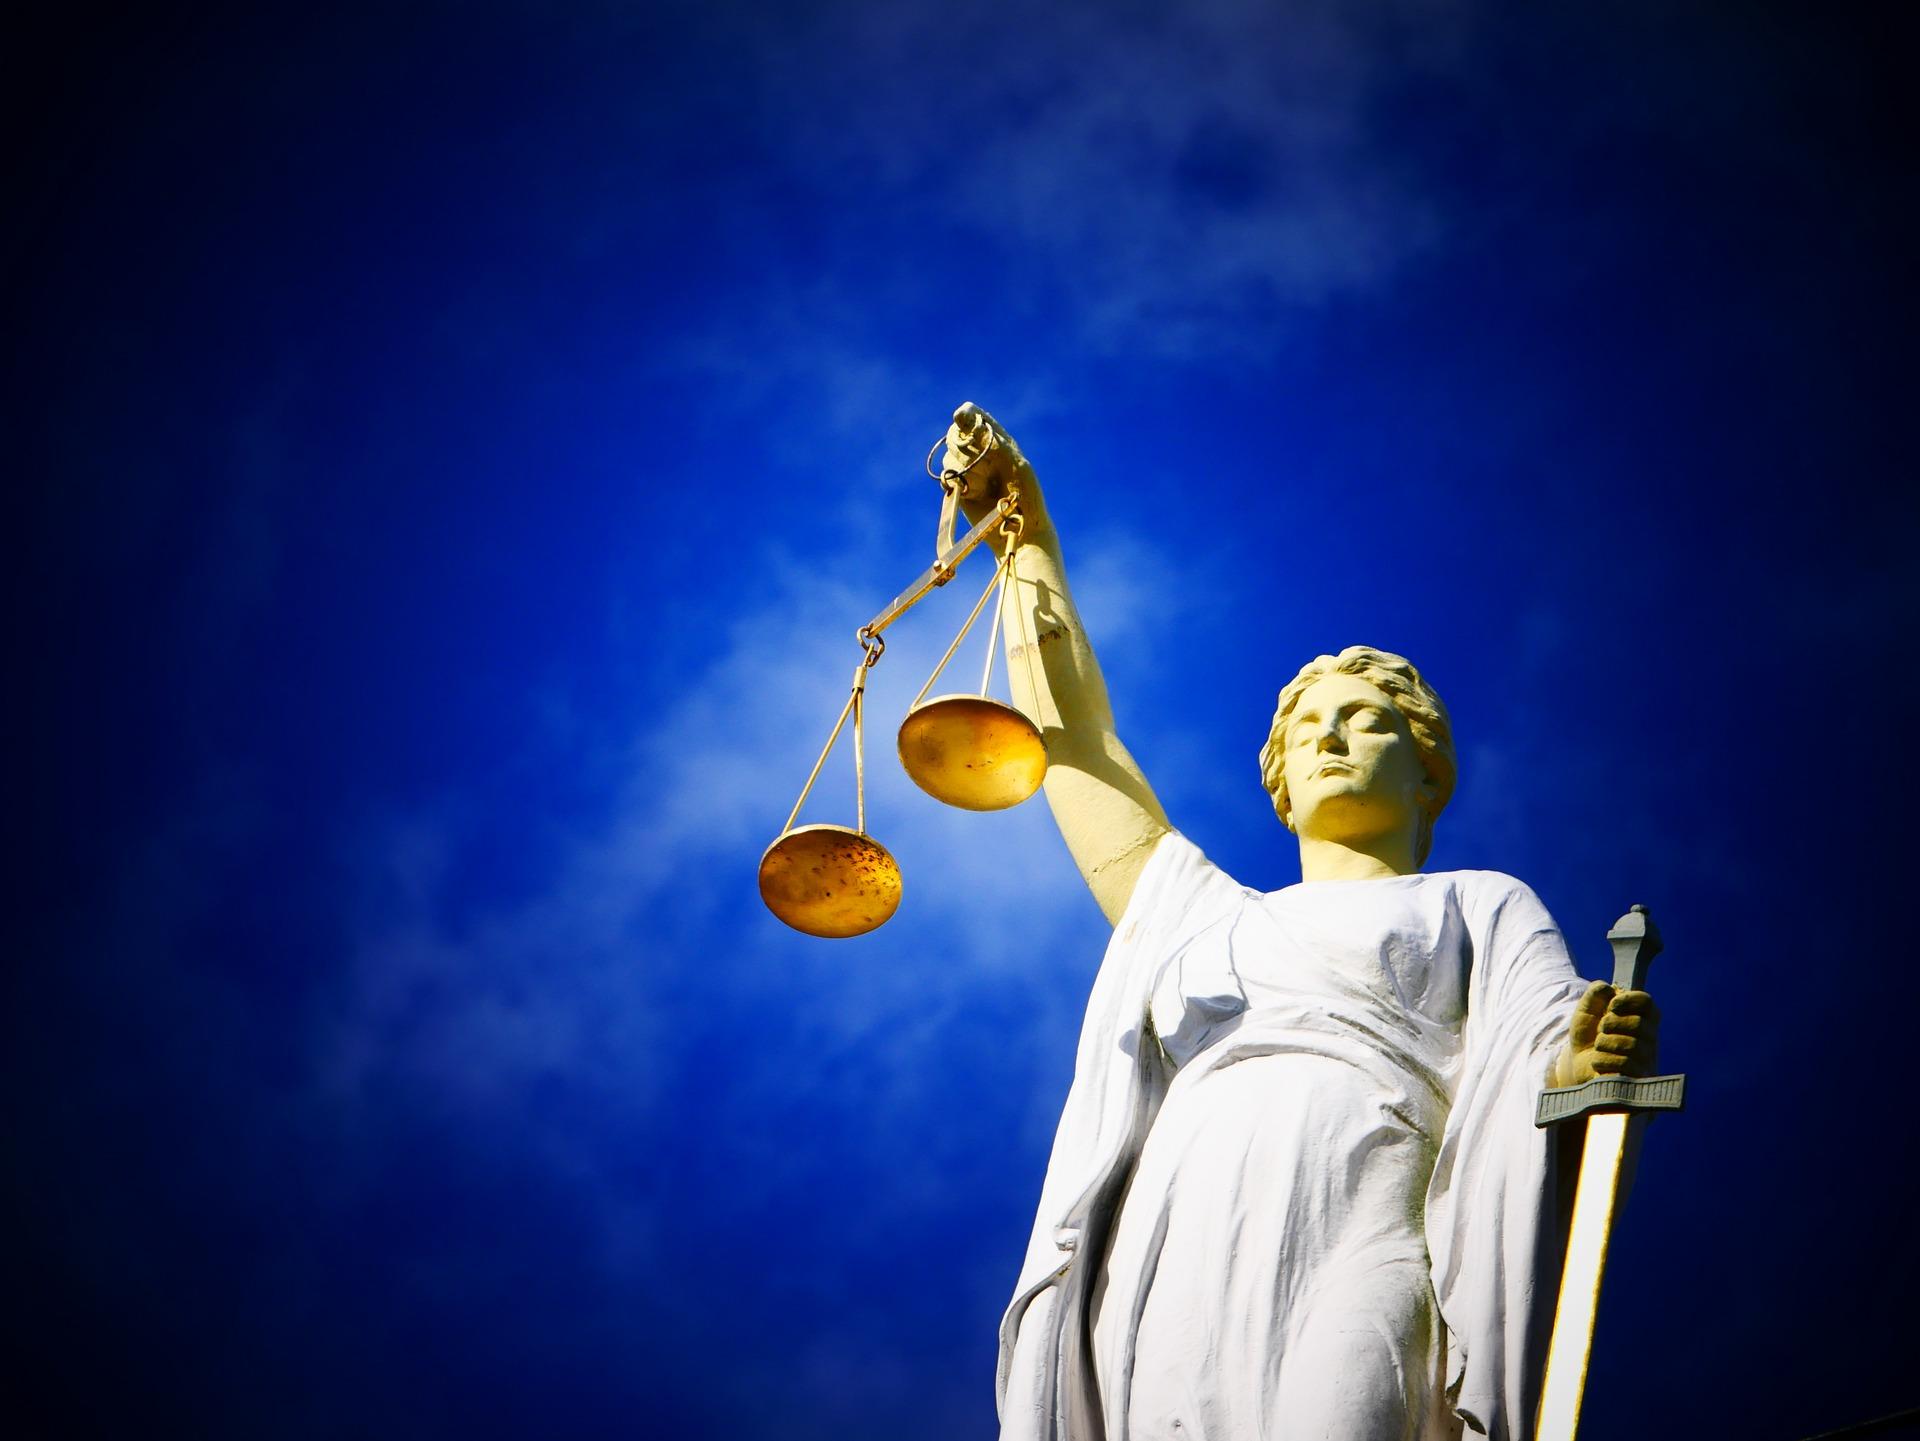 12. juulist 2020 kohaldus seadusemuudatus veebipõhistele  vahendusteenusele